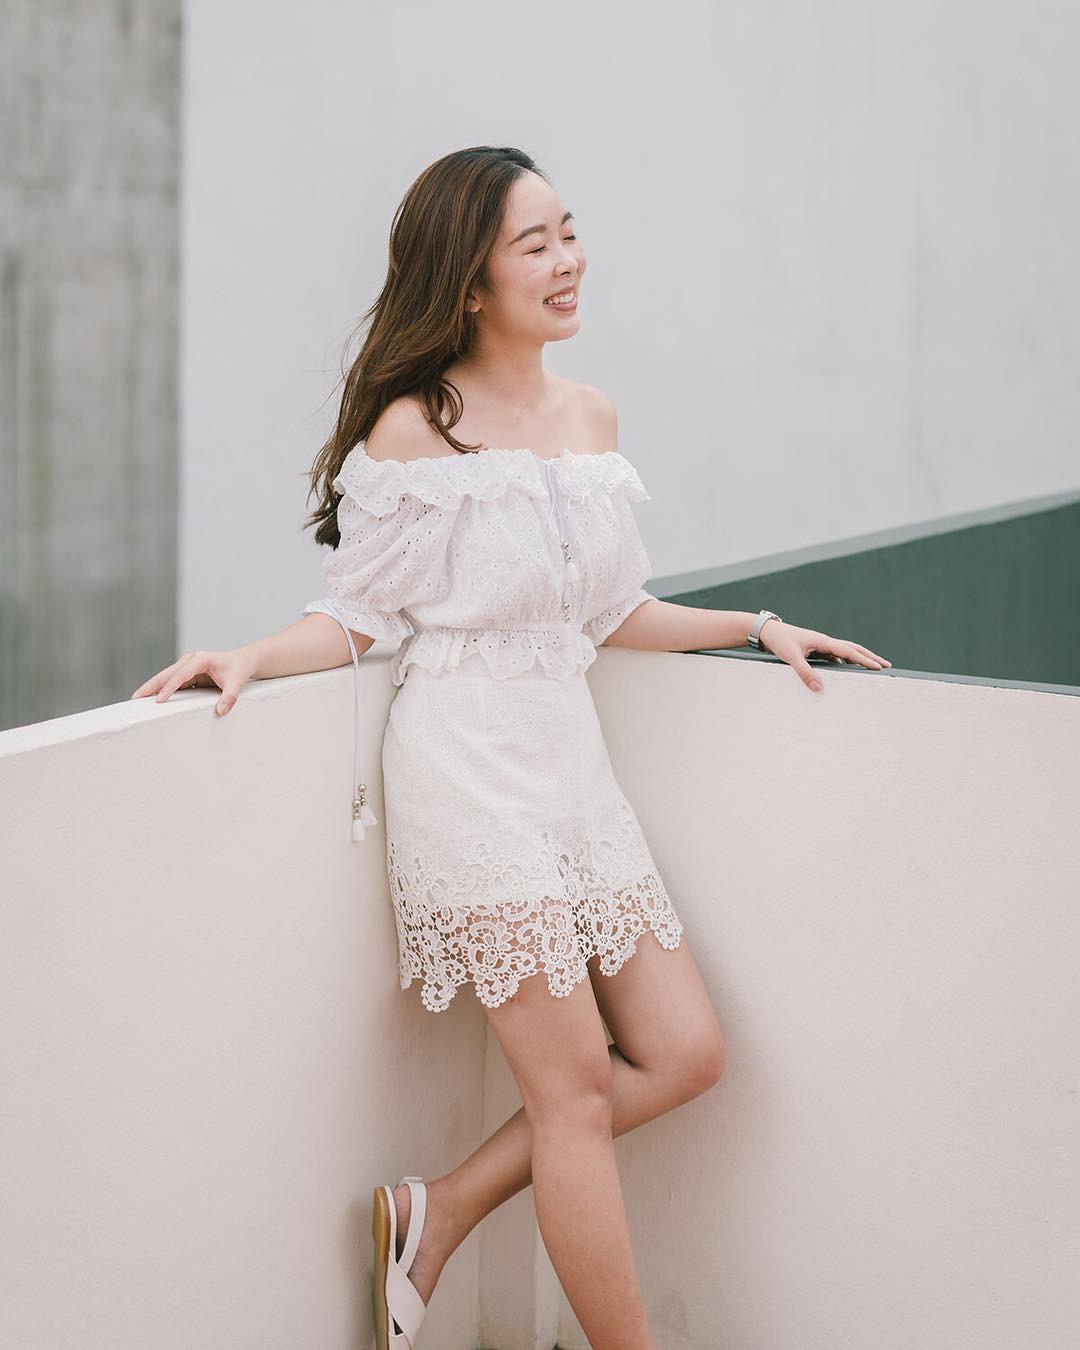 Gợi ý 5 mẫu váy thanh lịch, trang nhã cho các nàng đi dự đám cưới mà không sợ nổi hơn cô dâu - Ảnh 3.